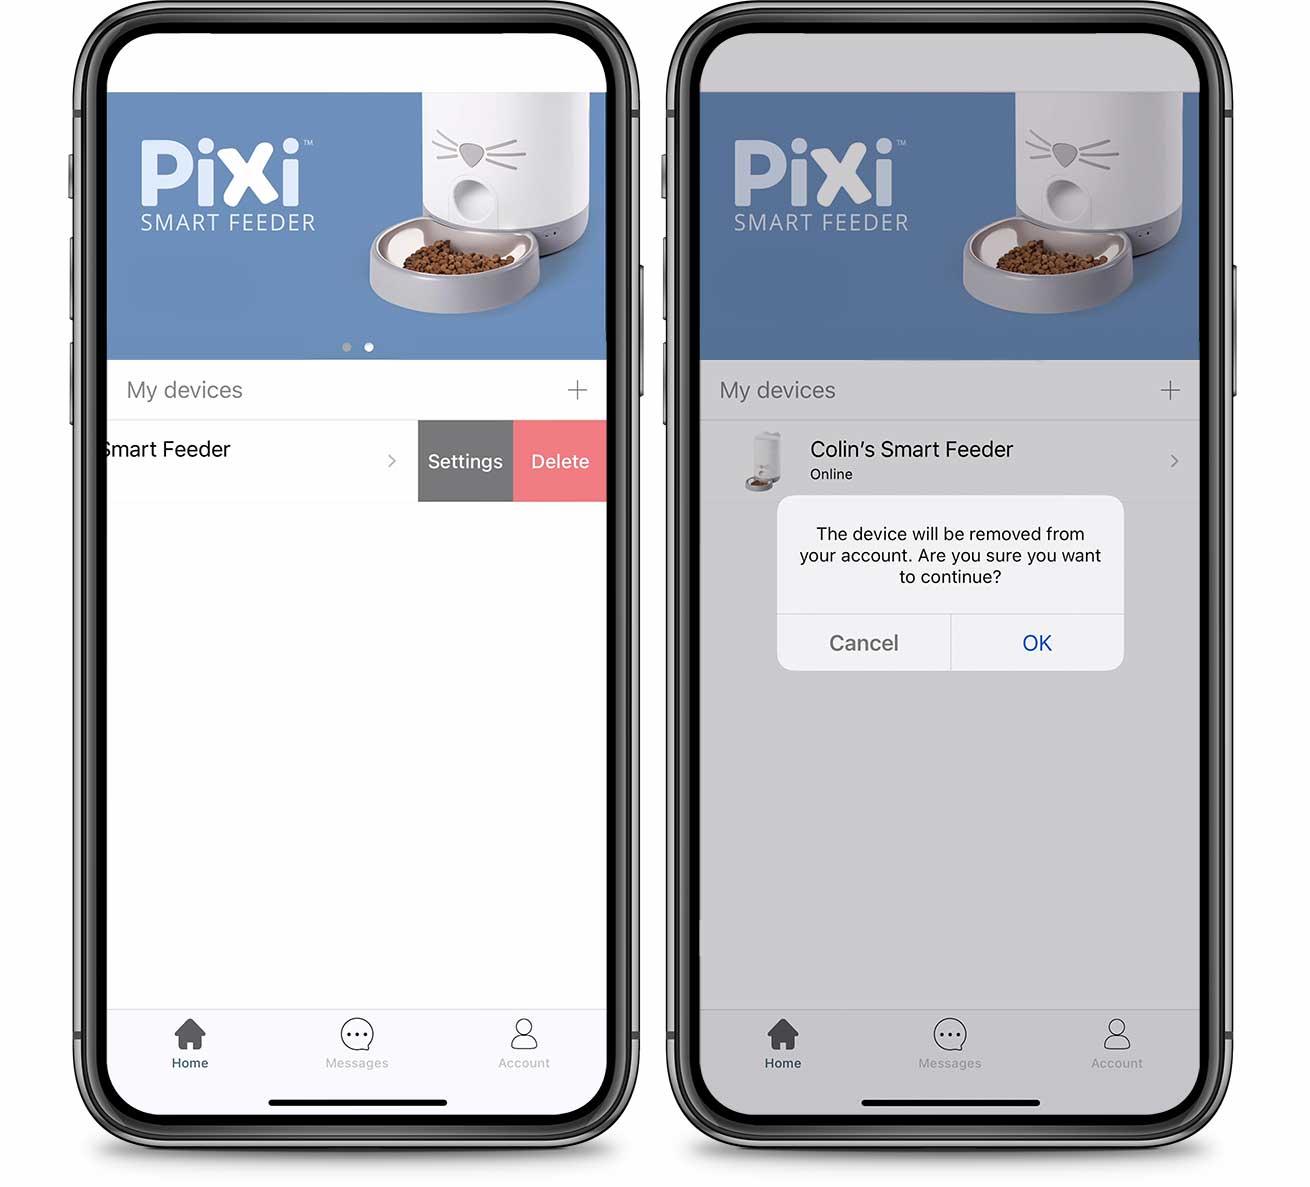 PIXI App Delete Device